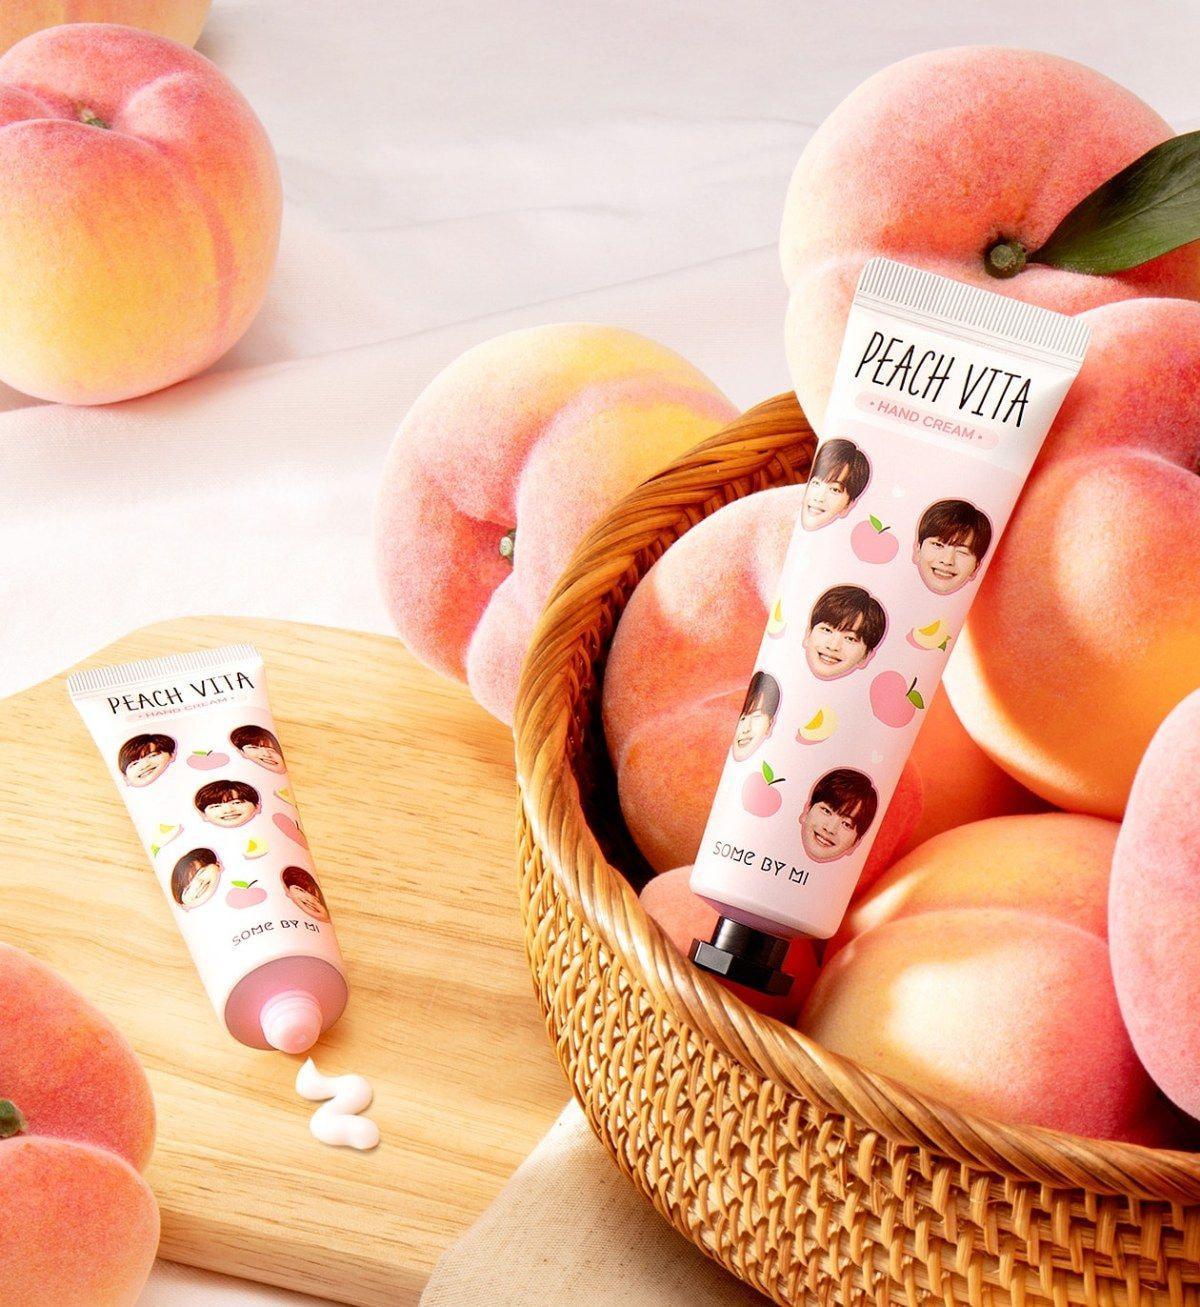 Kem Dưỡng Da Tay Chiết Xuất Đào Some By Mi Peach Vita Hand Cream 30g